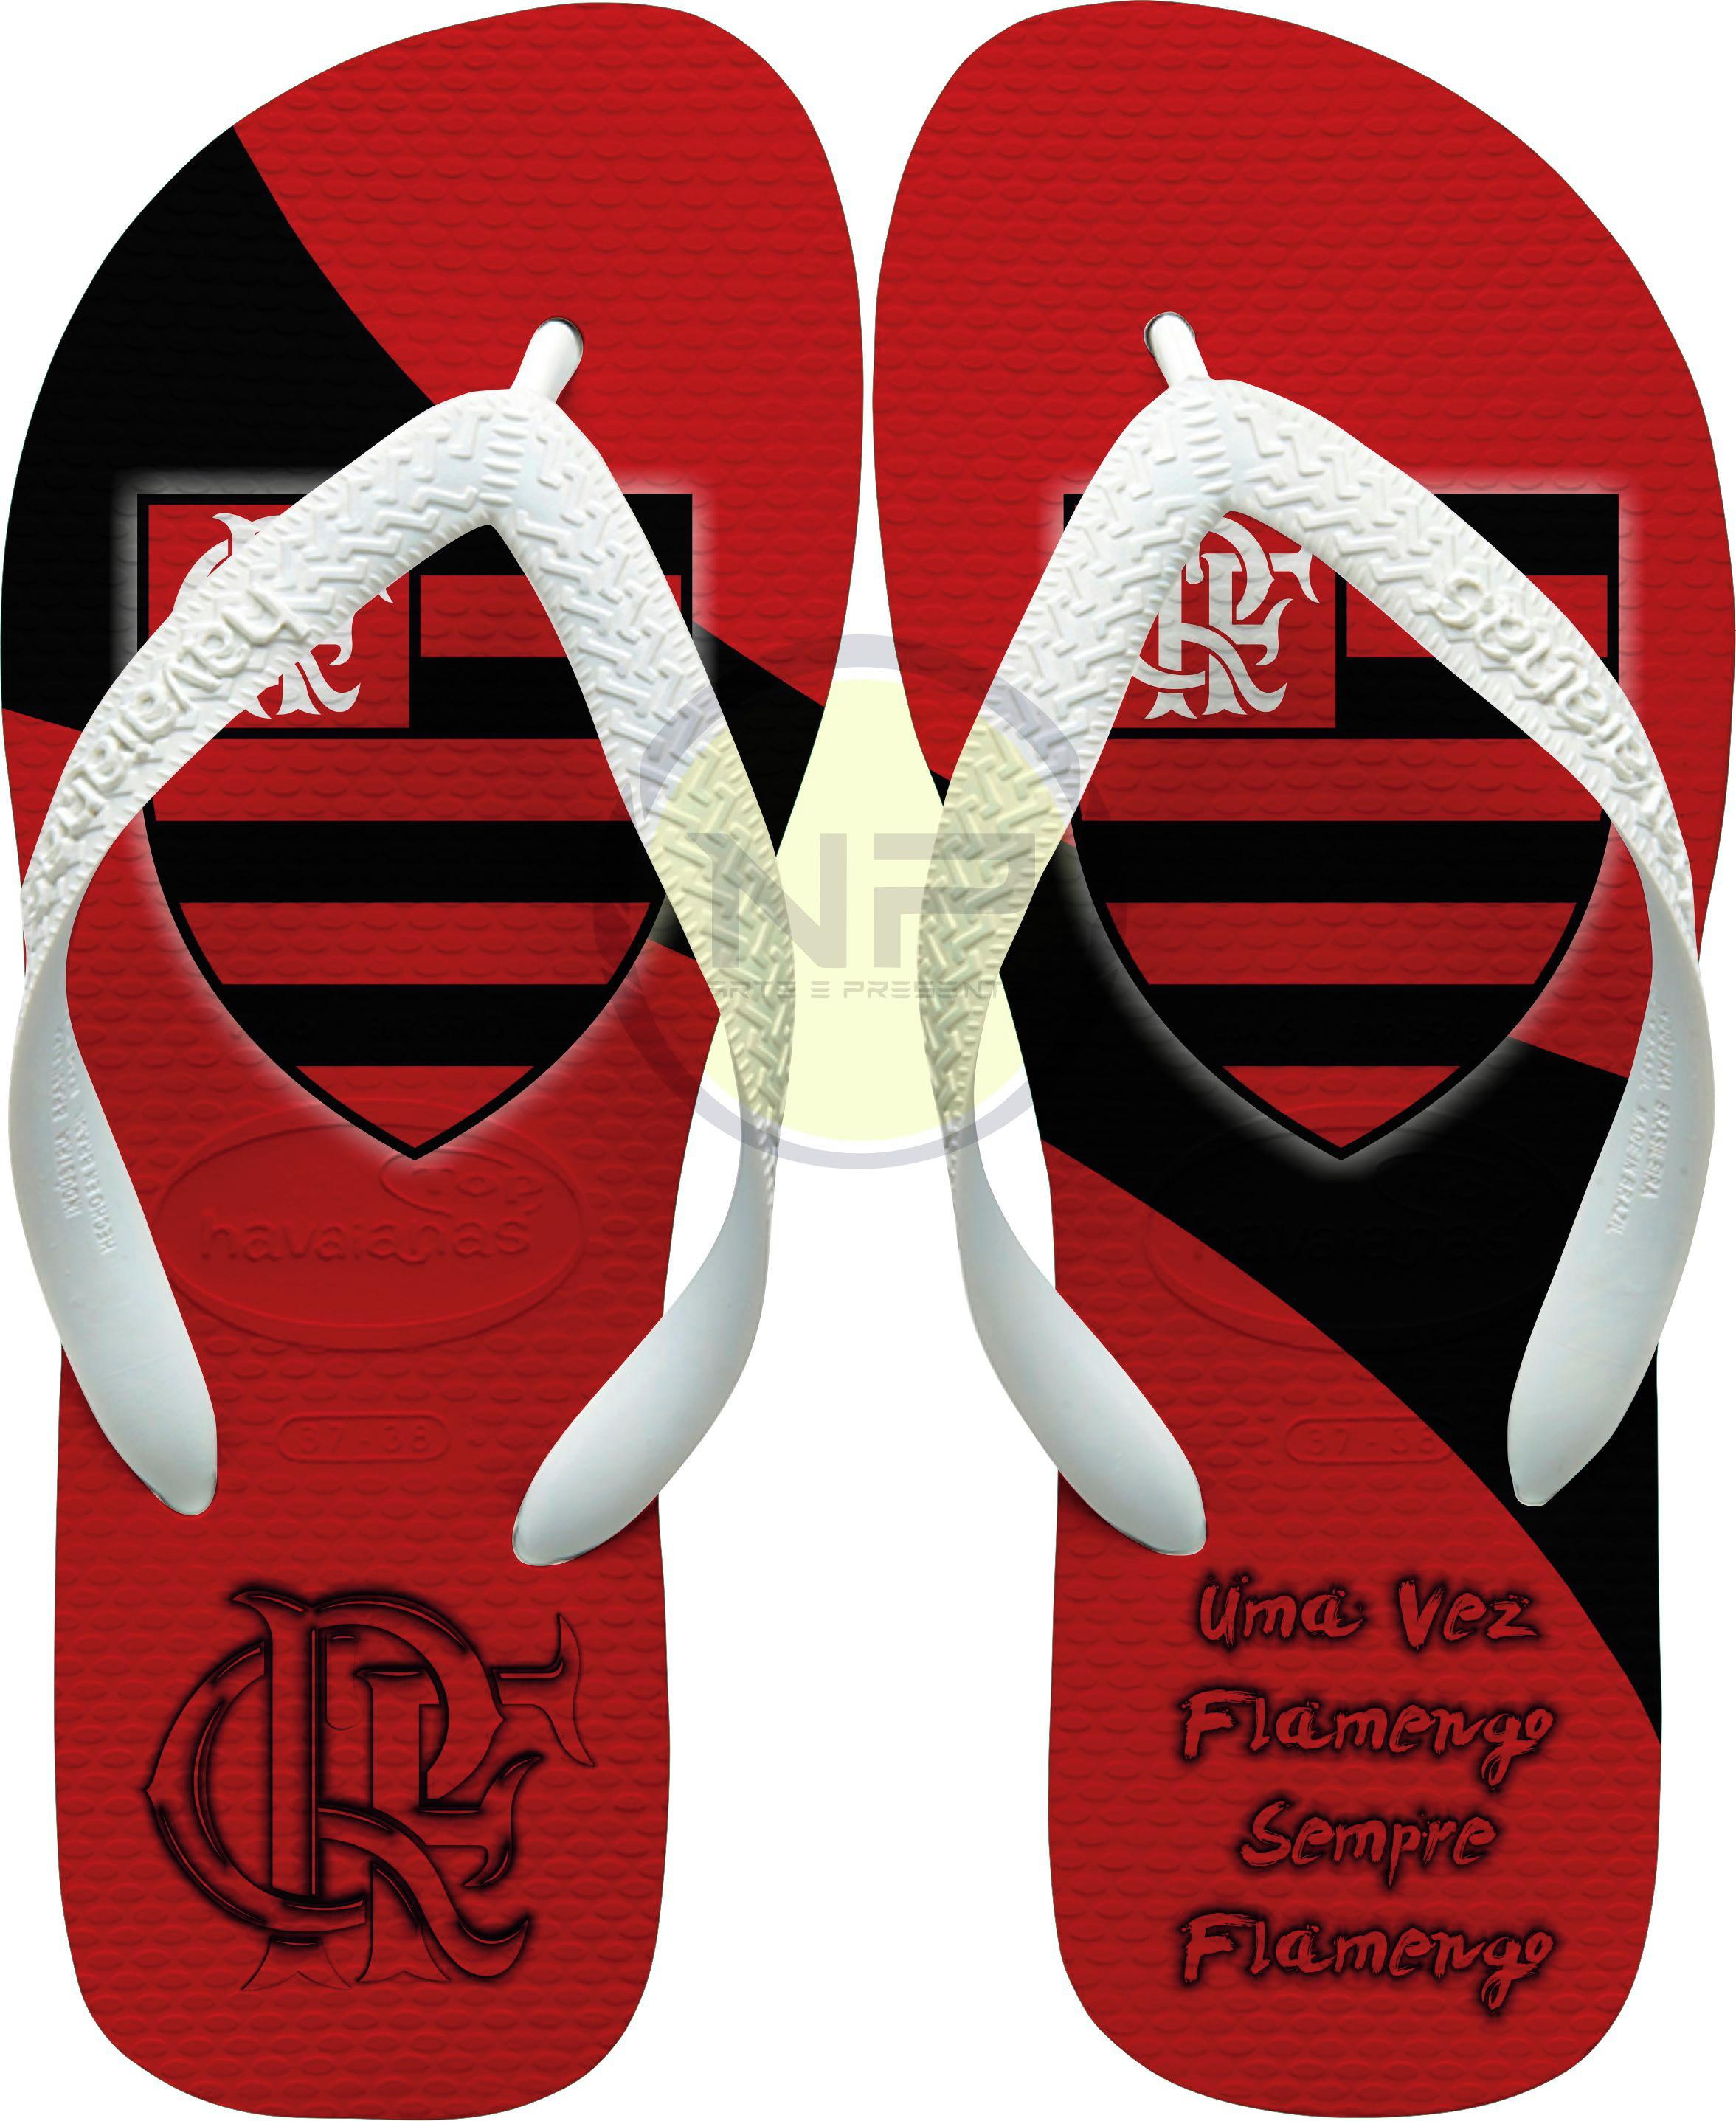 Pente Flamengo Retro  caf749f0f4a2e